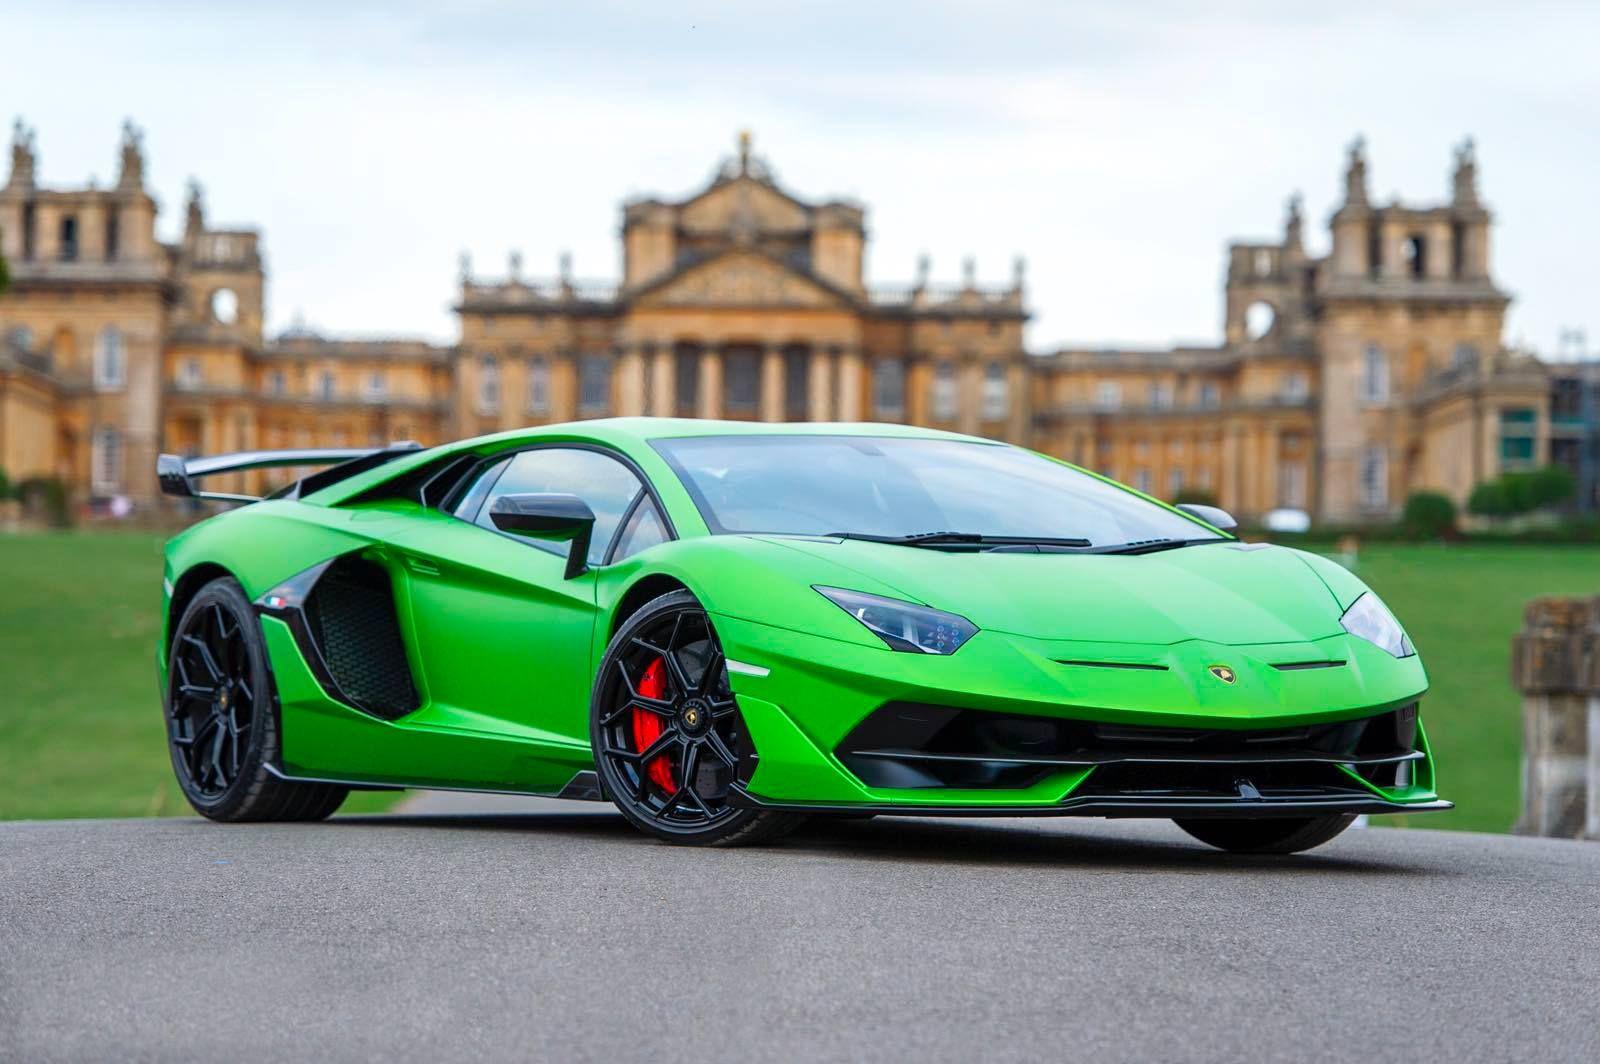 Lamborghini Aventador Svj Pricing For South Africa Sports Car Lamborghini Aventador Super Cars